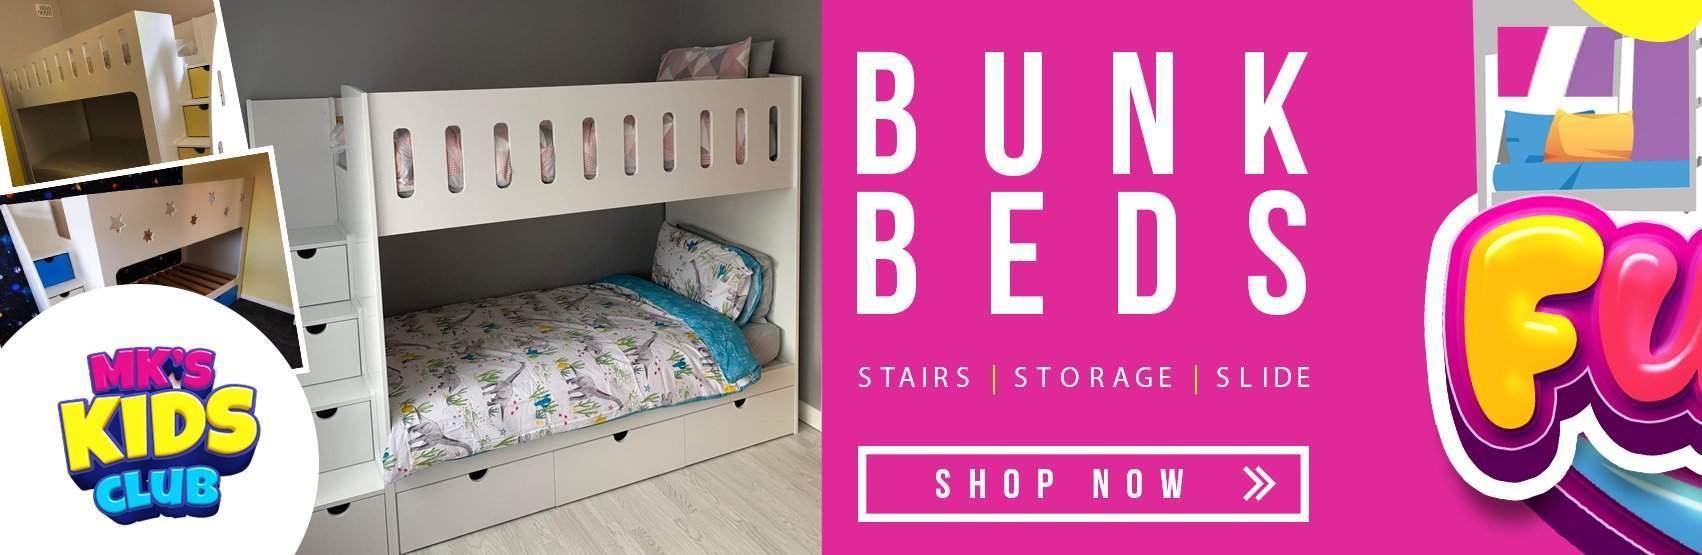 bunk bed slider